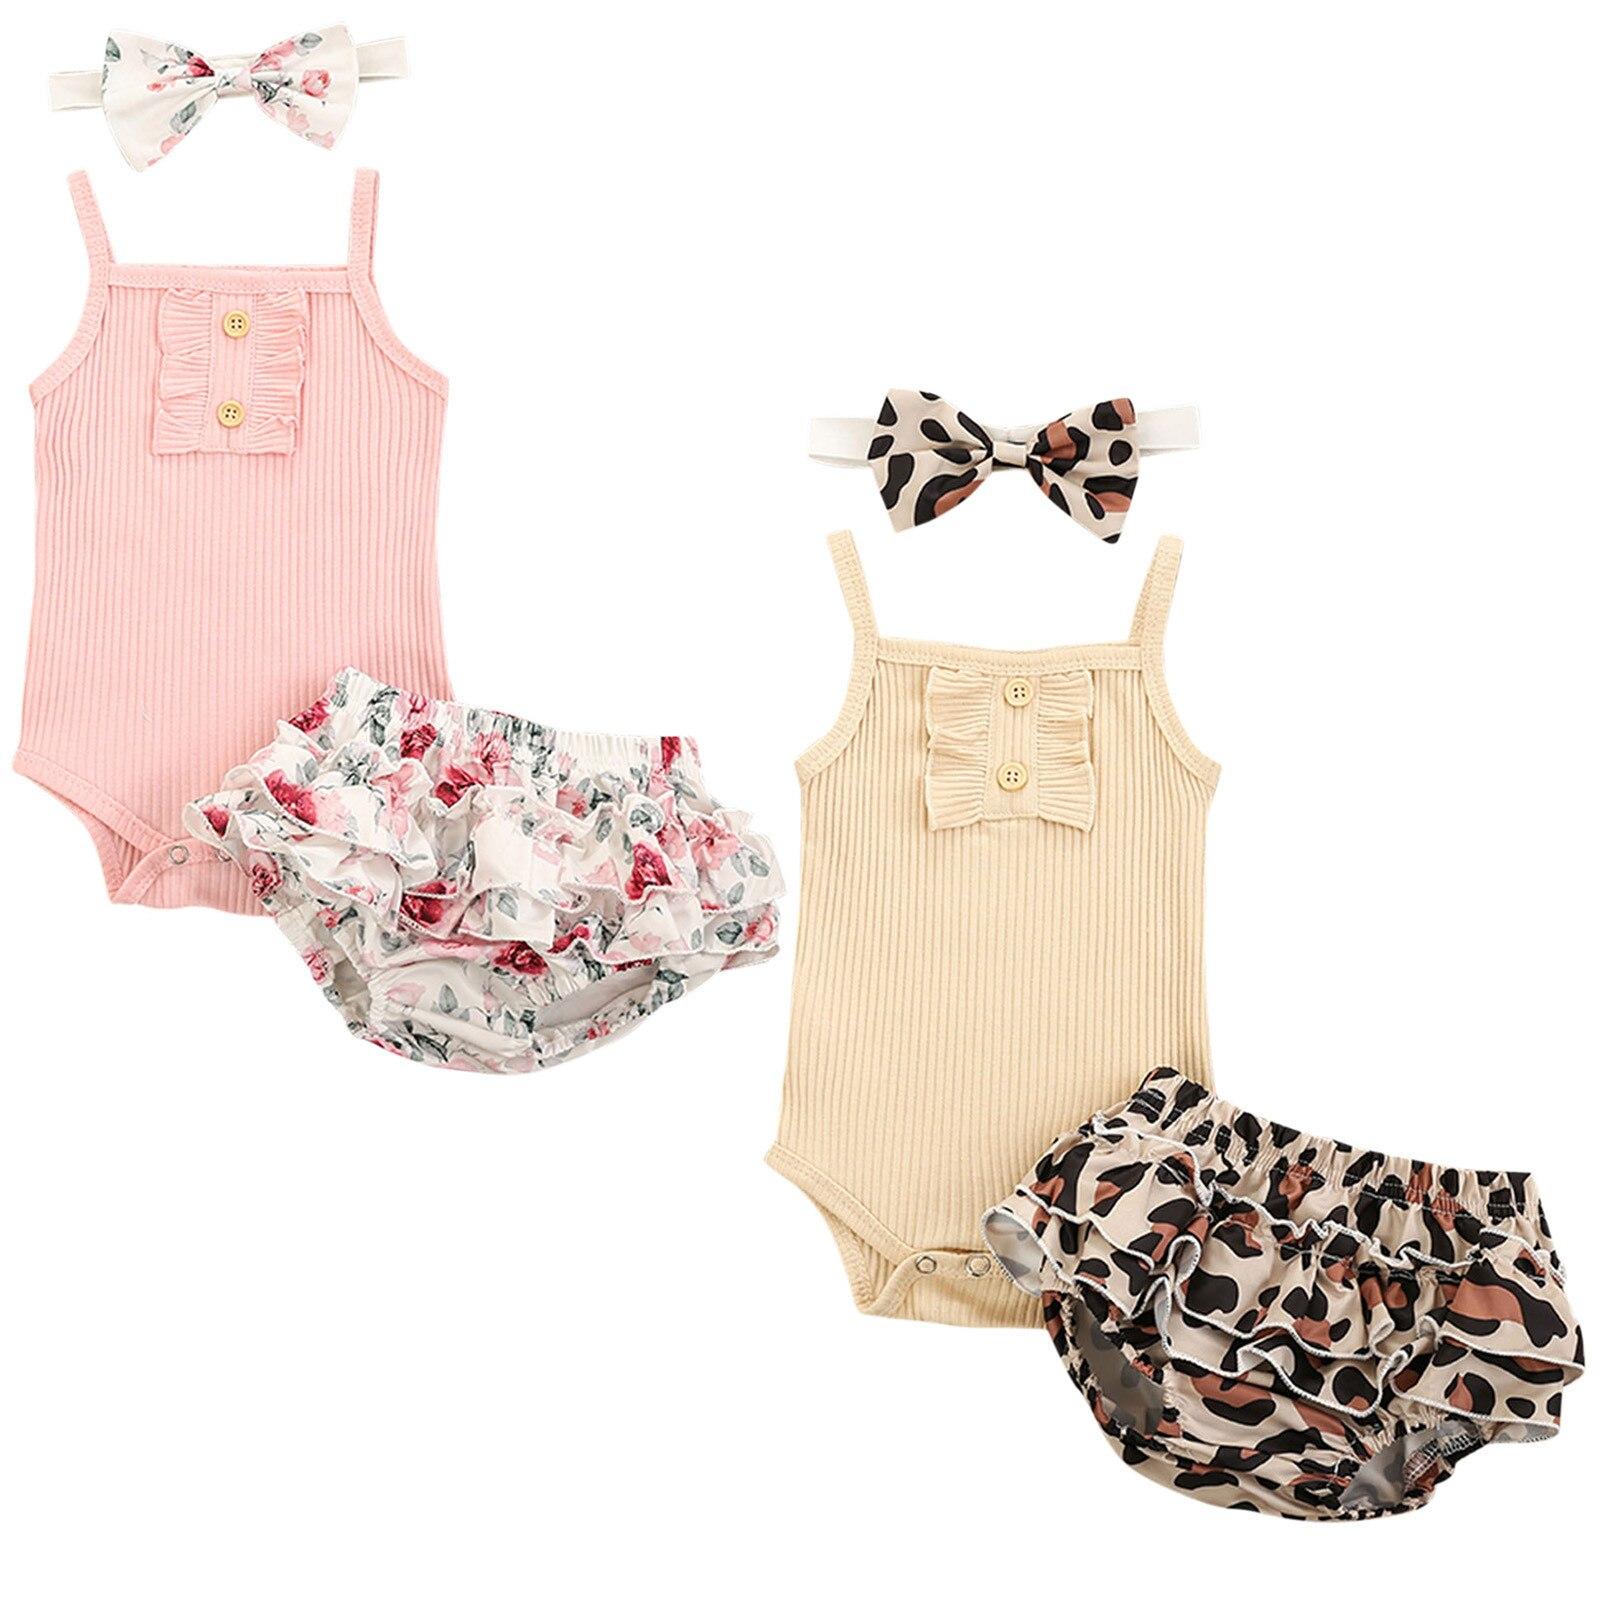 Трикотажные Ребристые комбинезон, комплект для малышей, для маленьких девочек, комплект с оборками с цветочным и леопардовым принтом повяз...